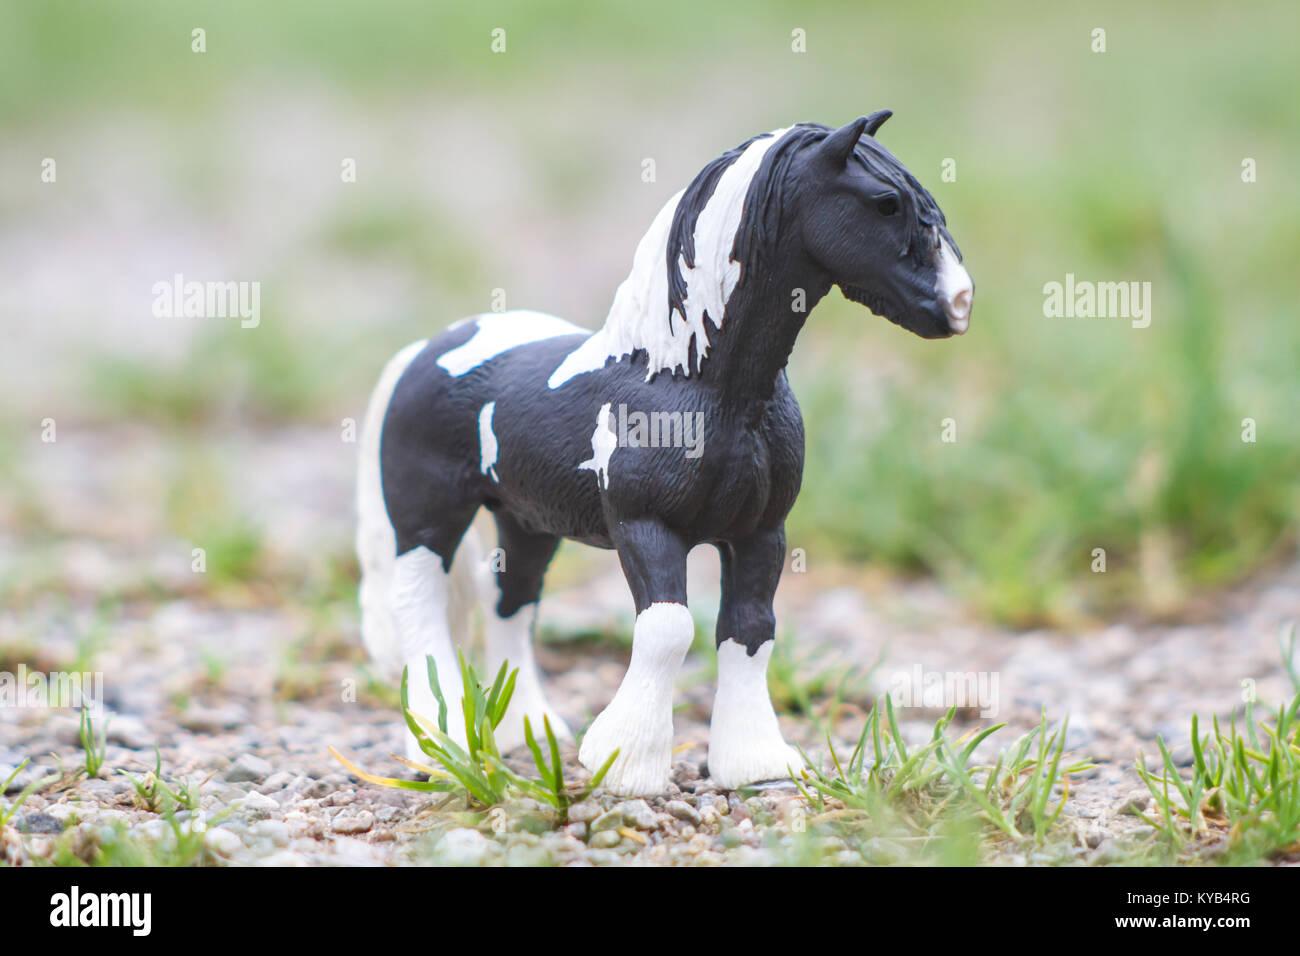 kinderspielzeug, schleich modell pferde stockfoto, bild: 171734292